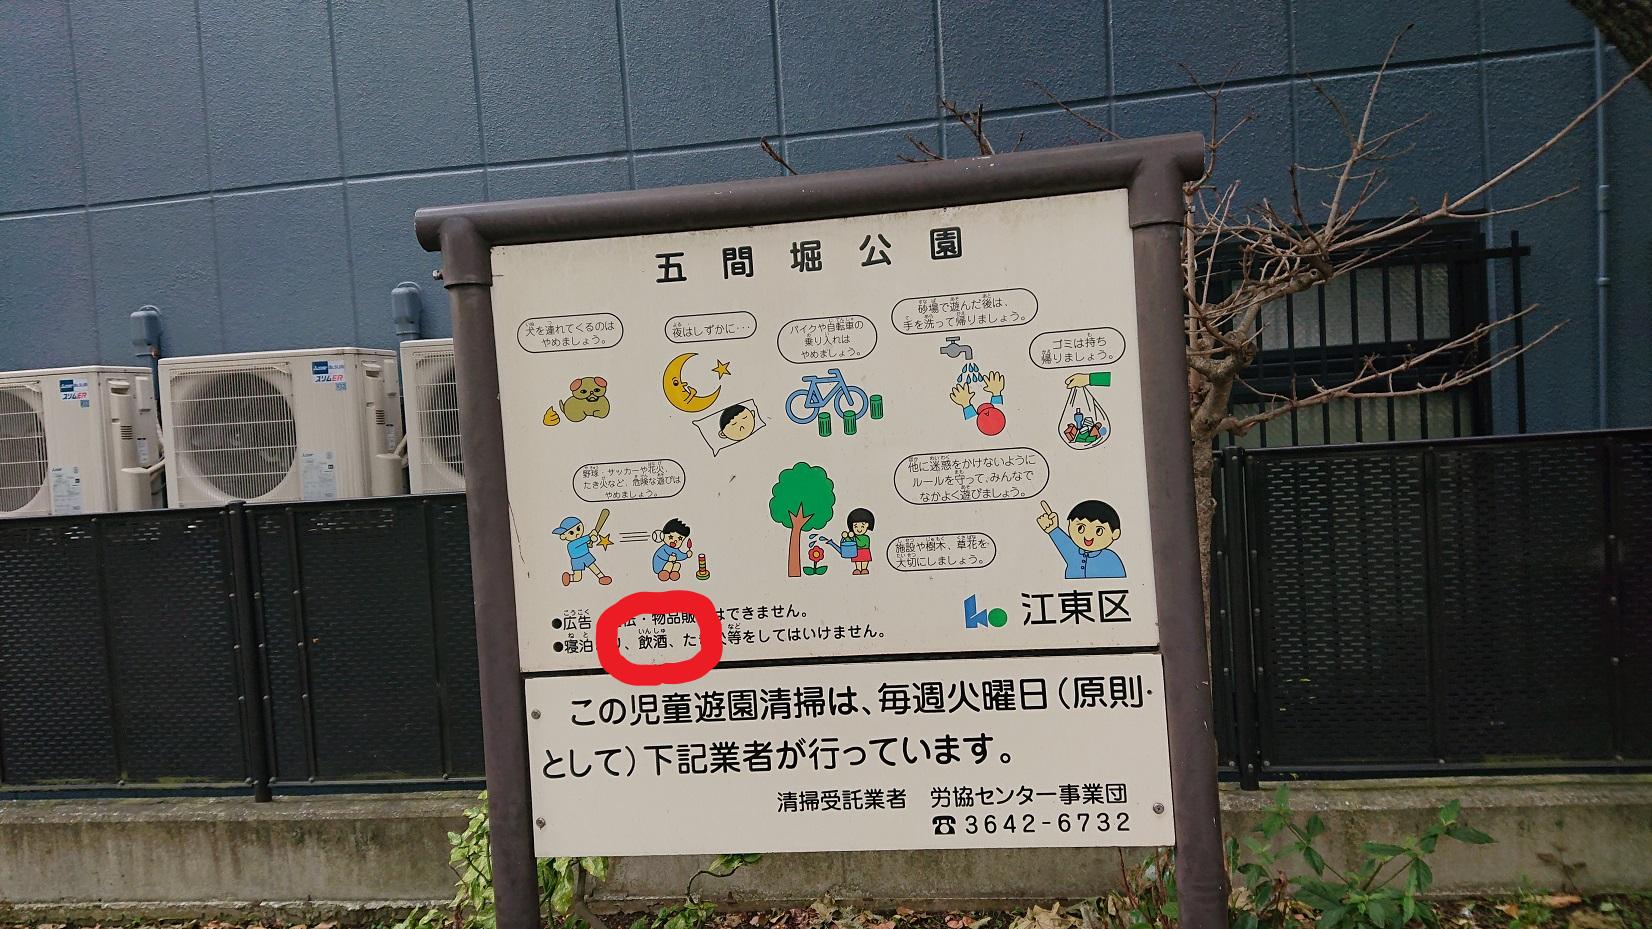 五間堀公園のルール